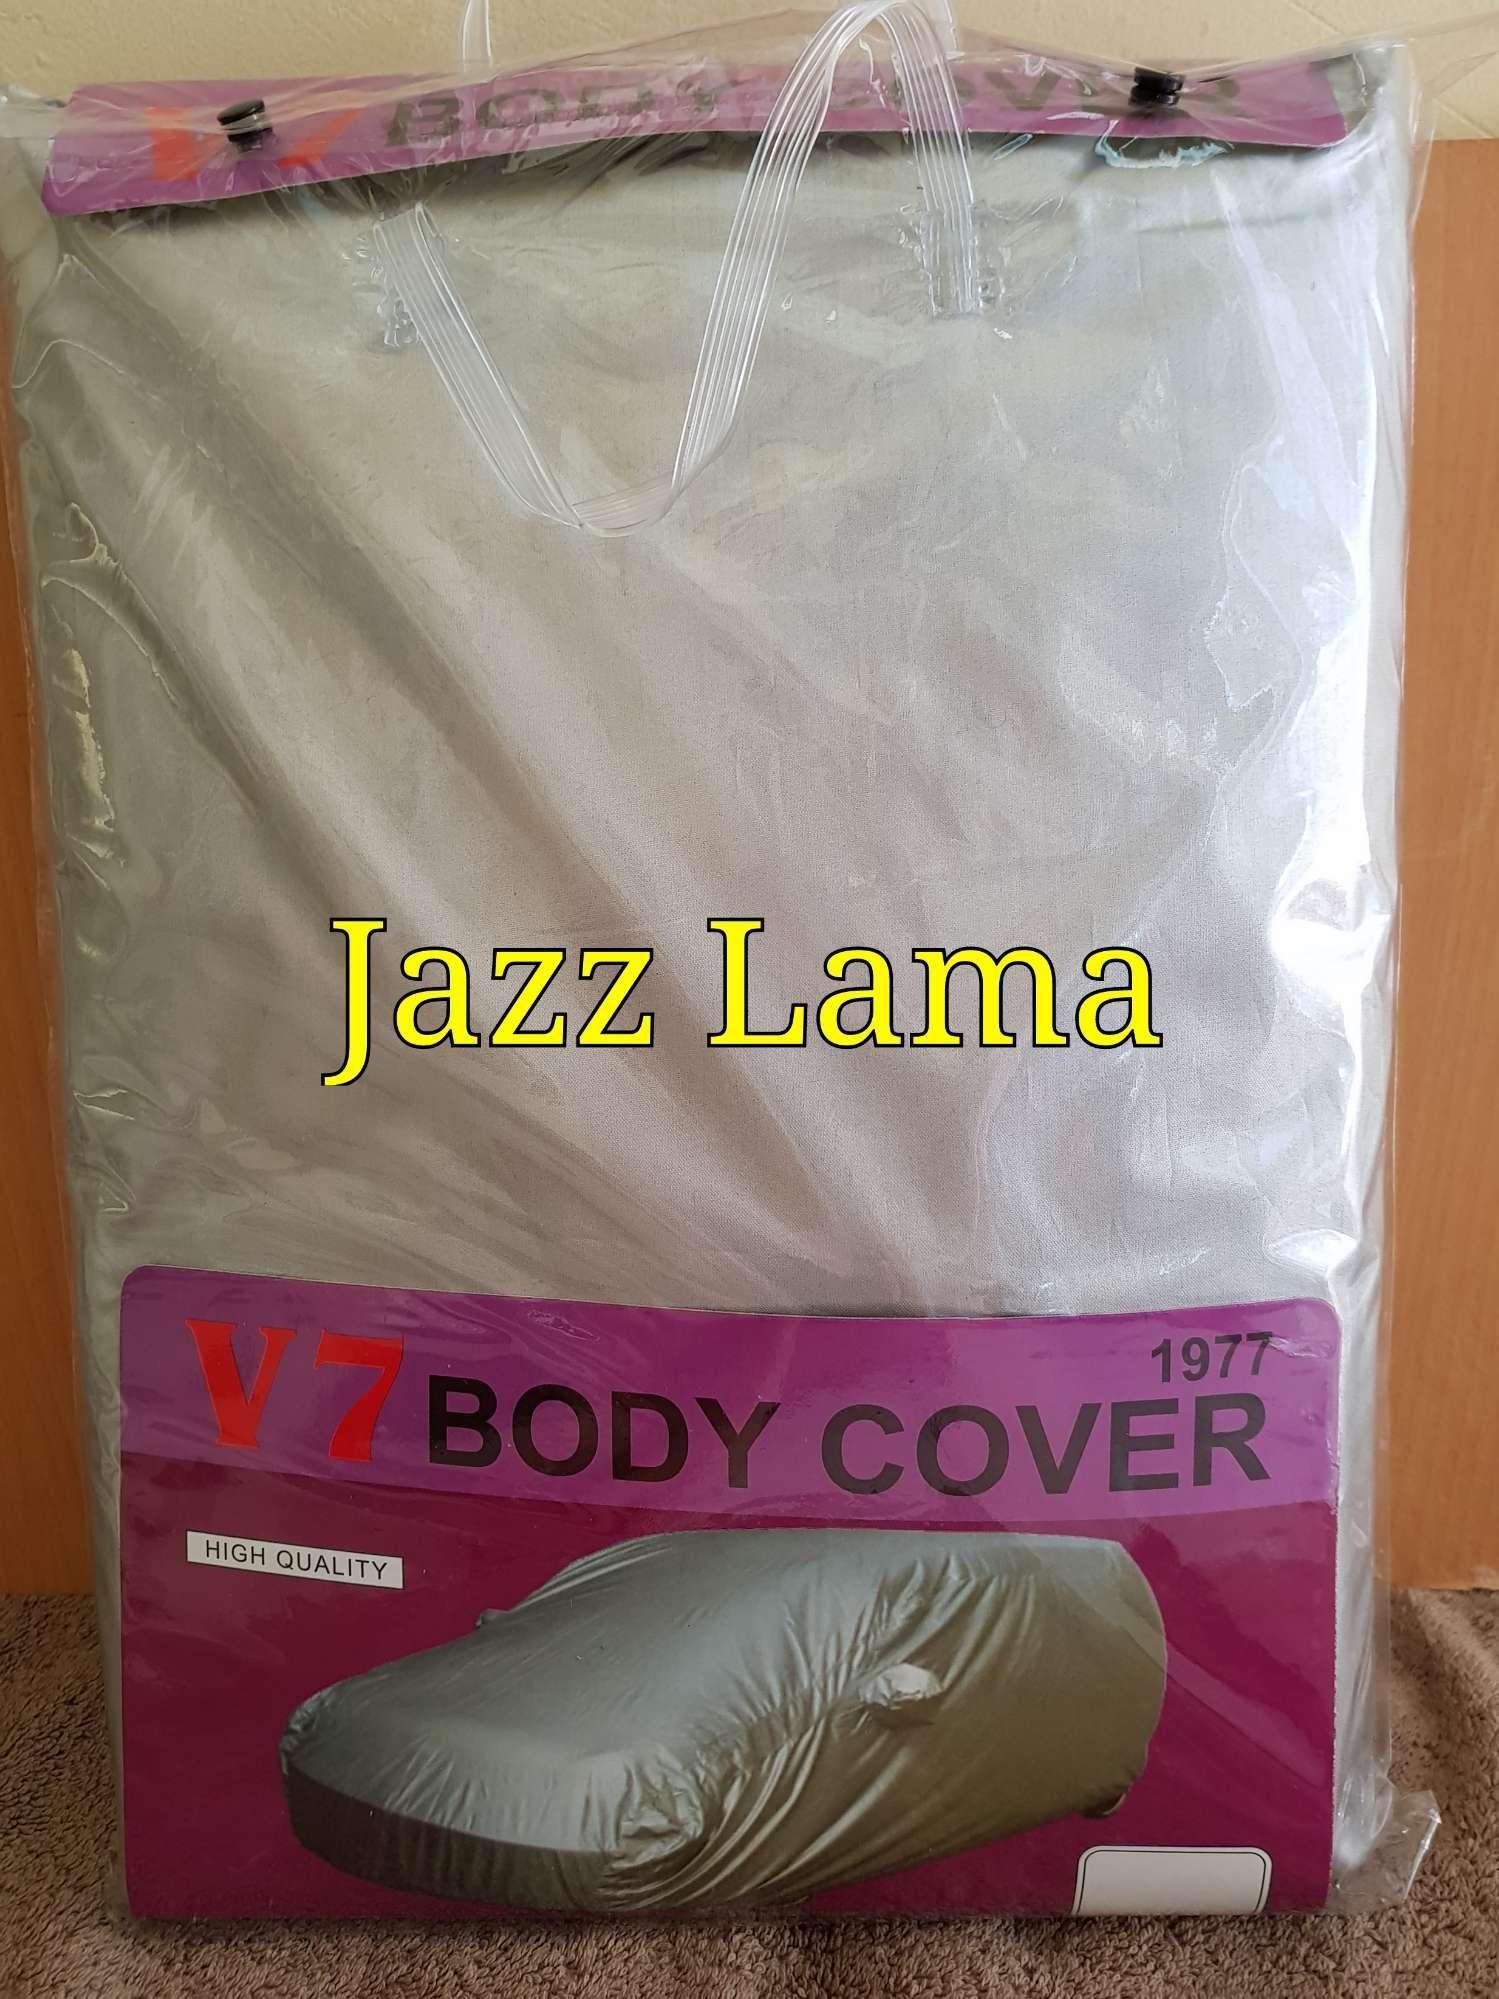 Review Tempat Tissue Mobil Miniatur Honda Jazz Dan Harga Terbaru Cover New Sarung Lama Silver Coating Body